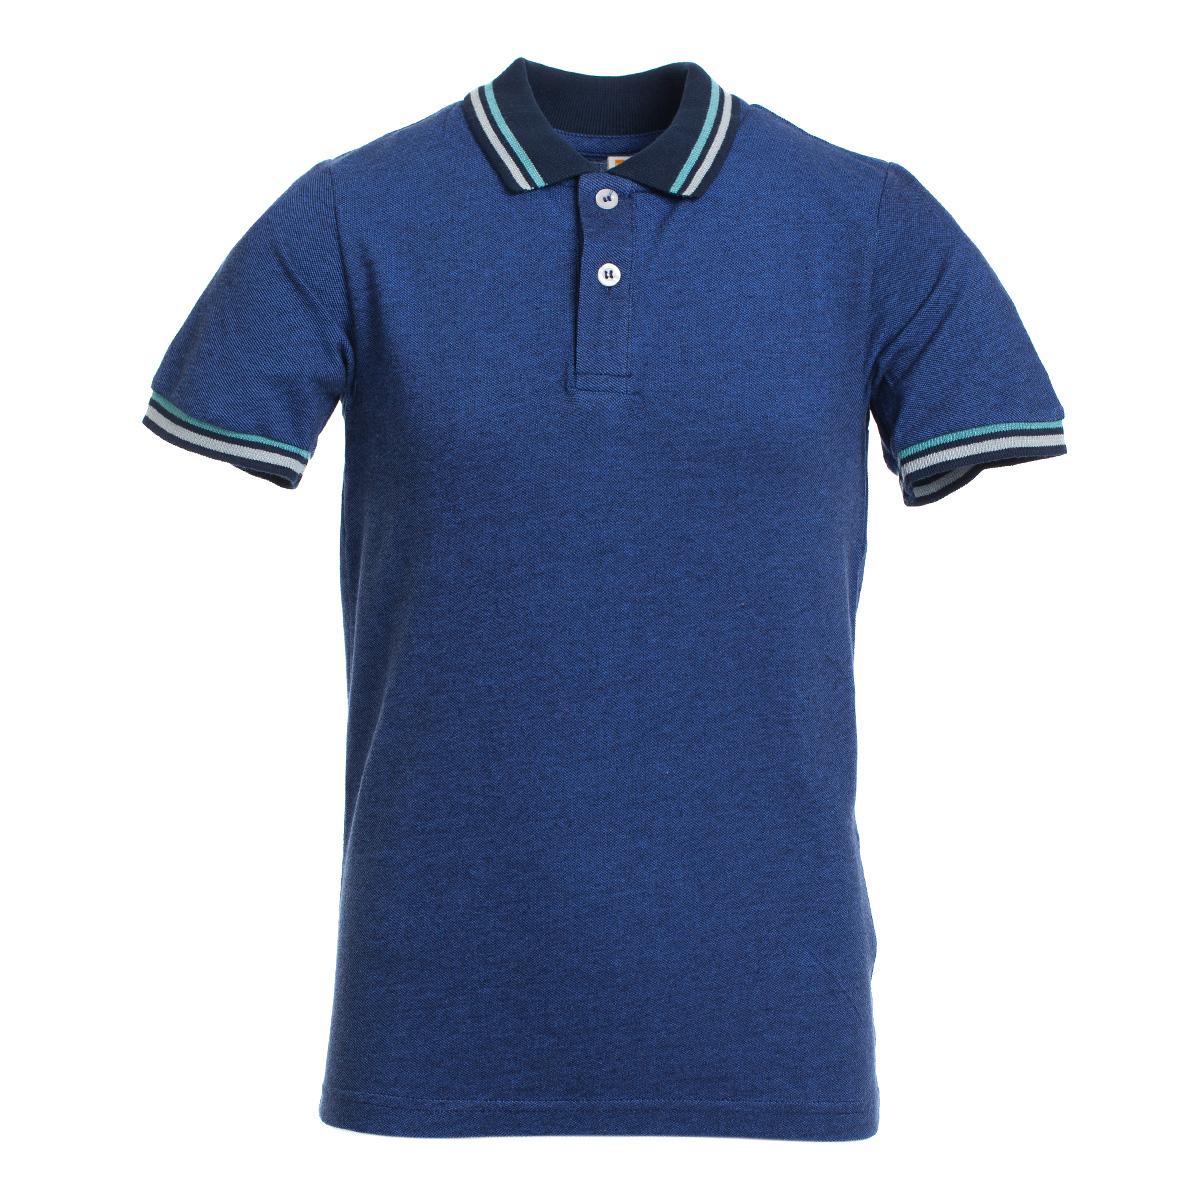 Рубашка поло DRESSPARK, MP-B030303